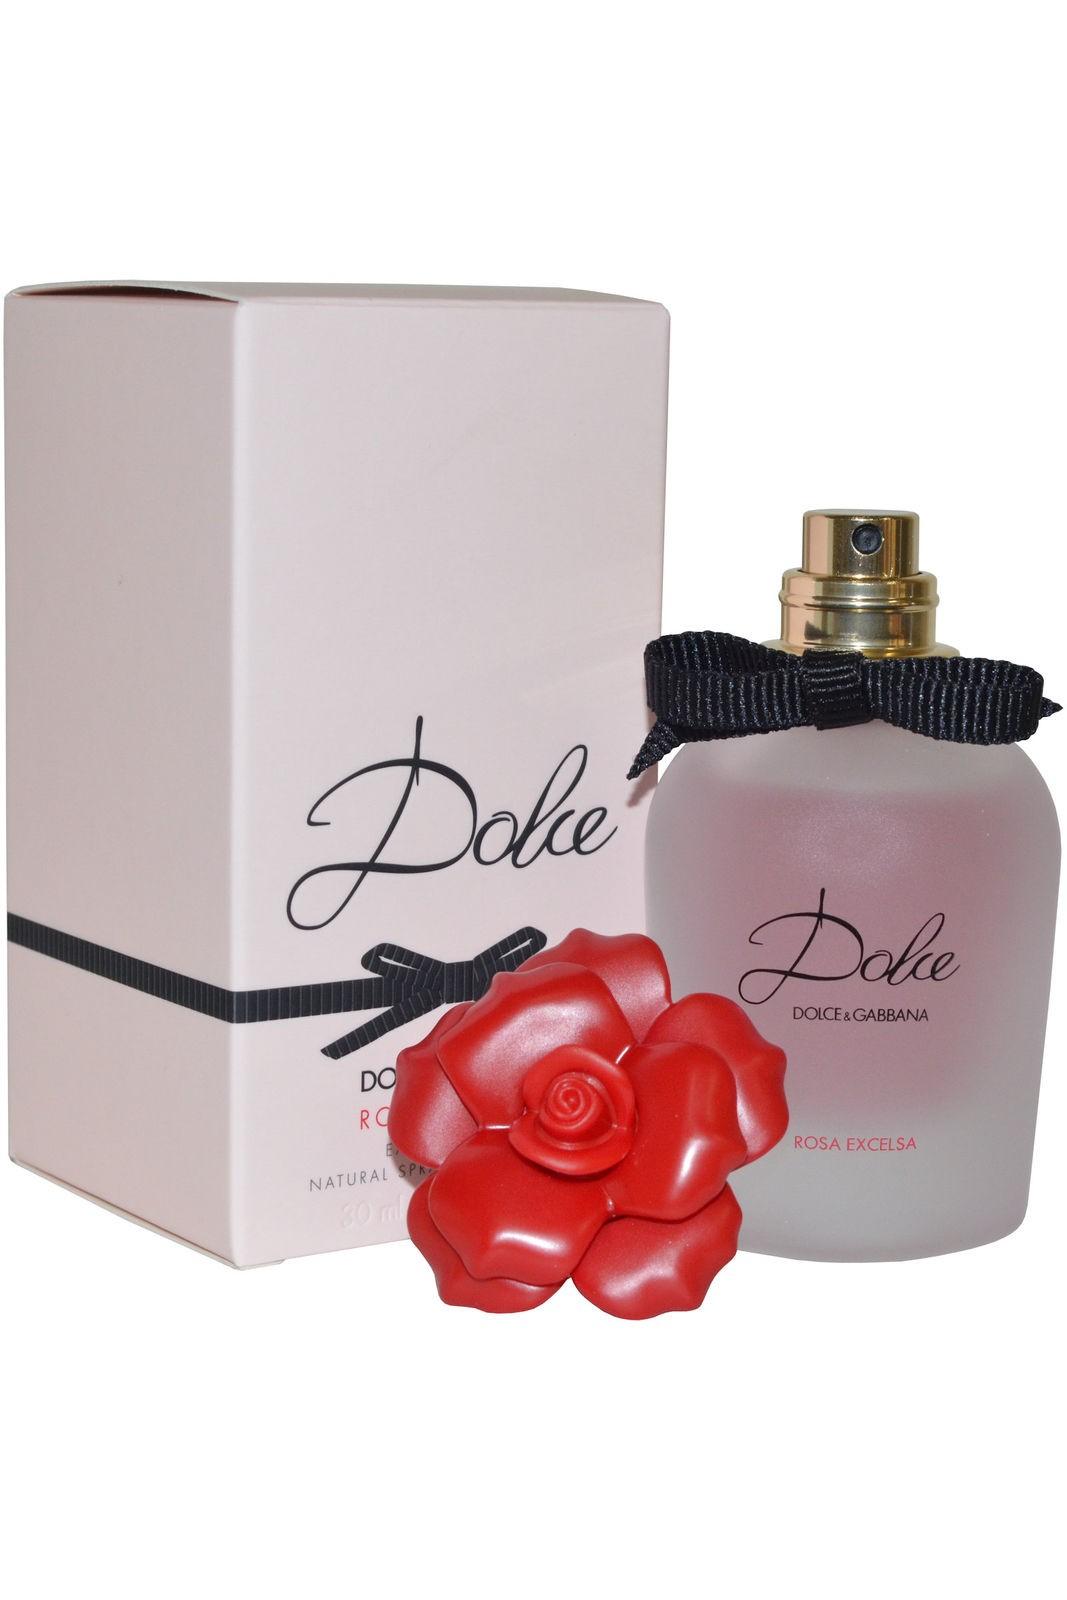 Dolce & Gabbana Rose Excelsa Eau de Toilette Spray 30ml